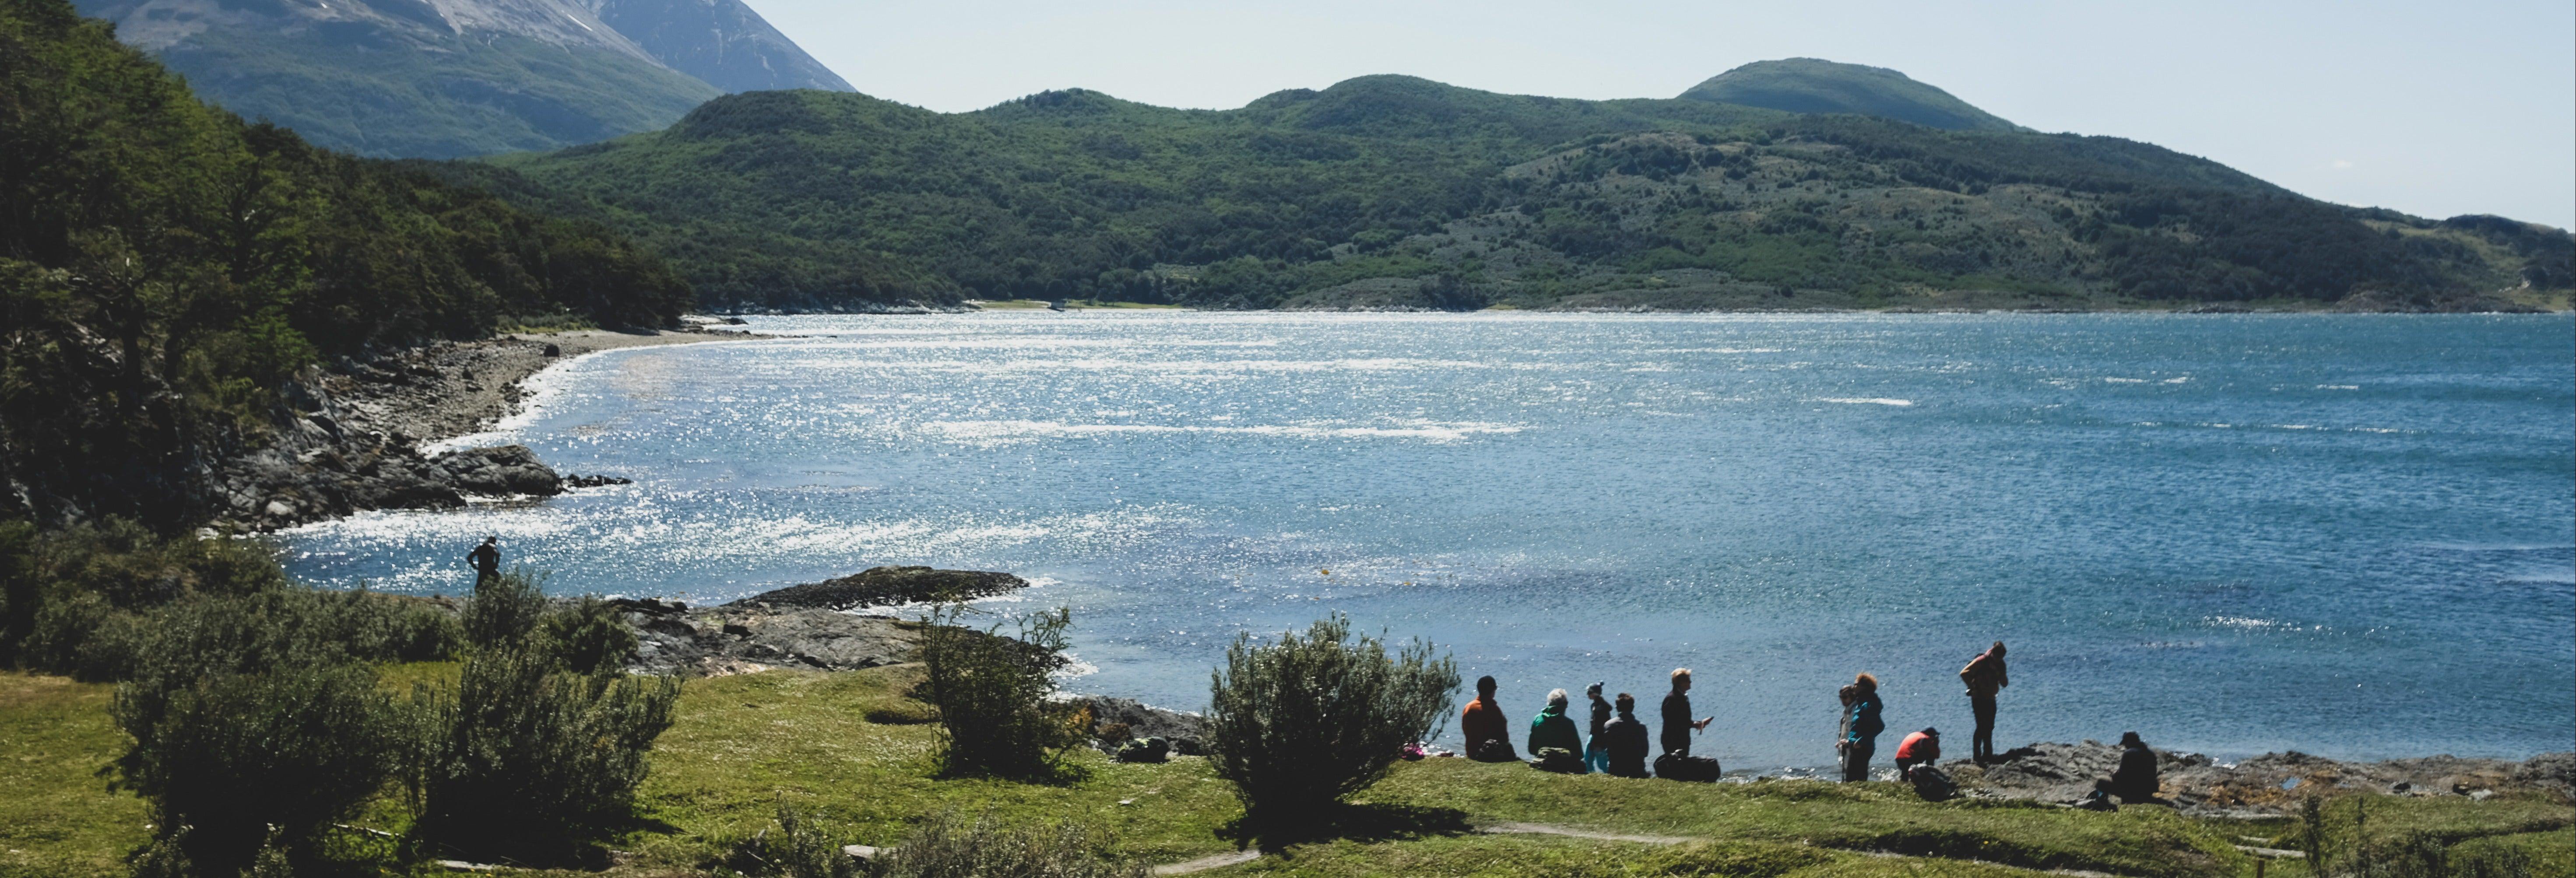 Excursión en 4x4 a Tierra del Fuego